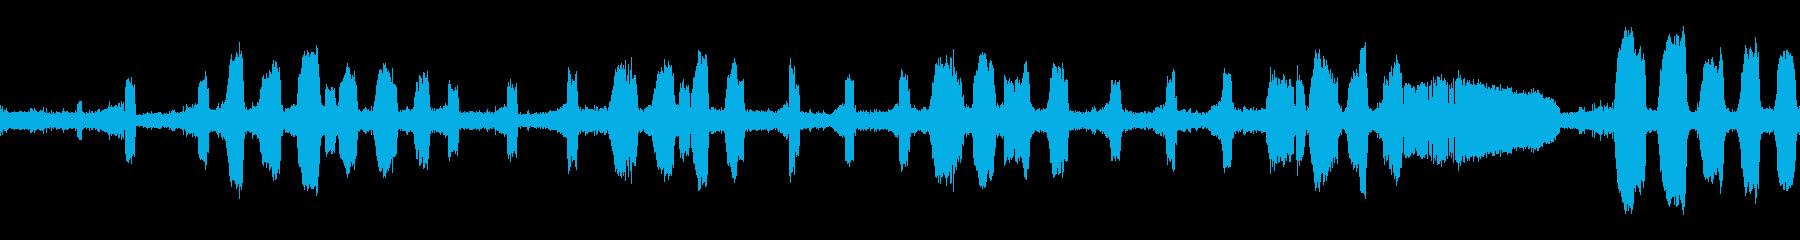 ツクツクボウシ・蝉の鳴き声(ループ)の再生済みの波形